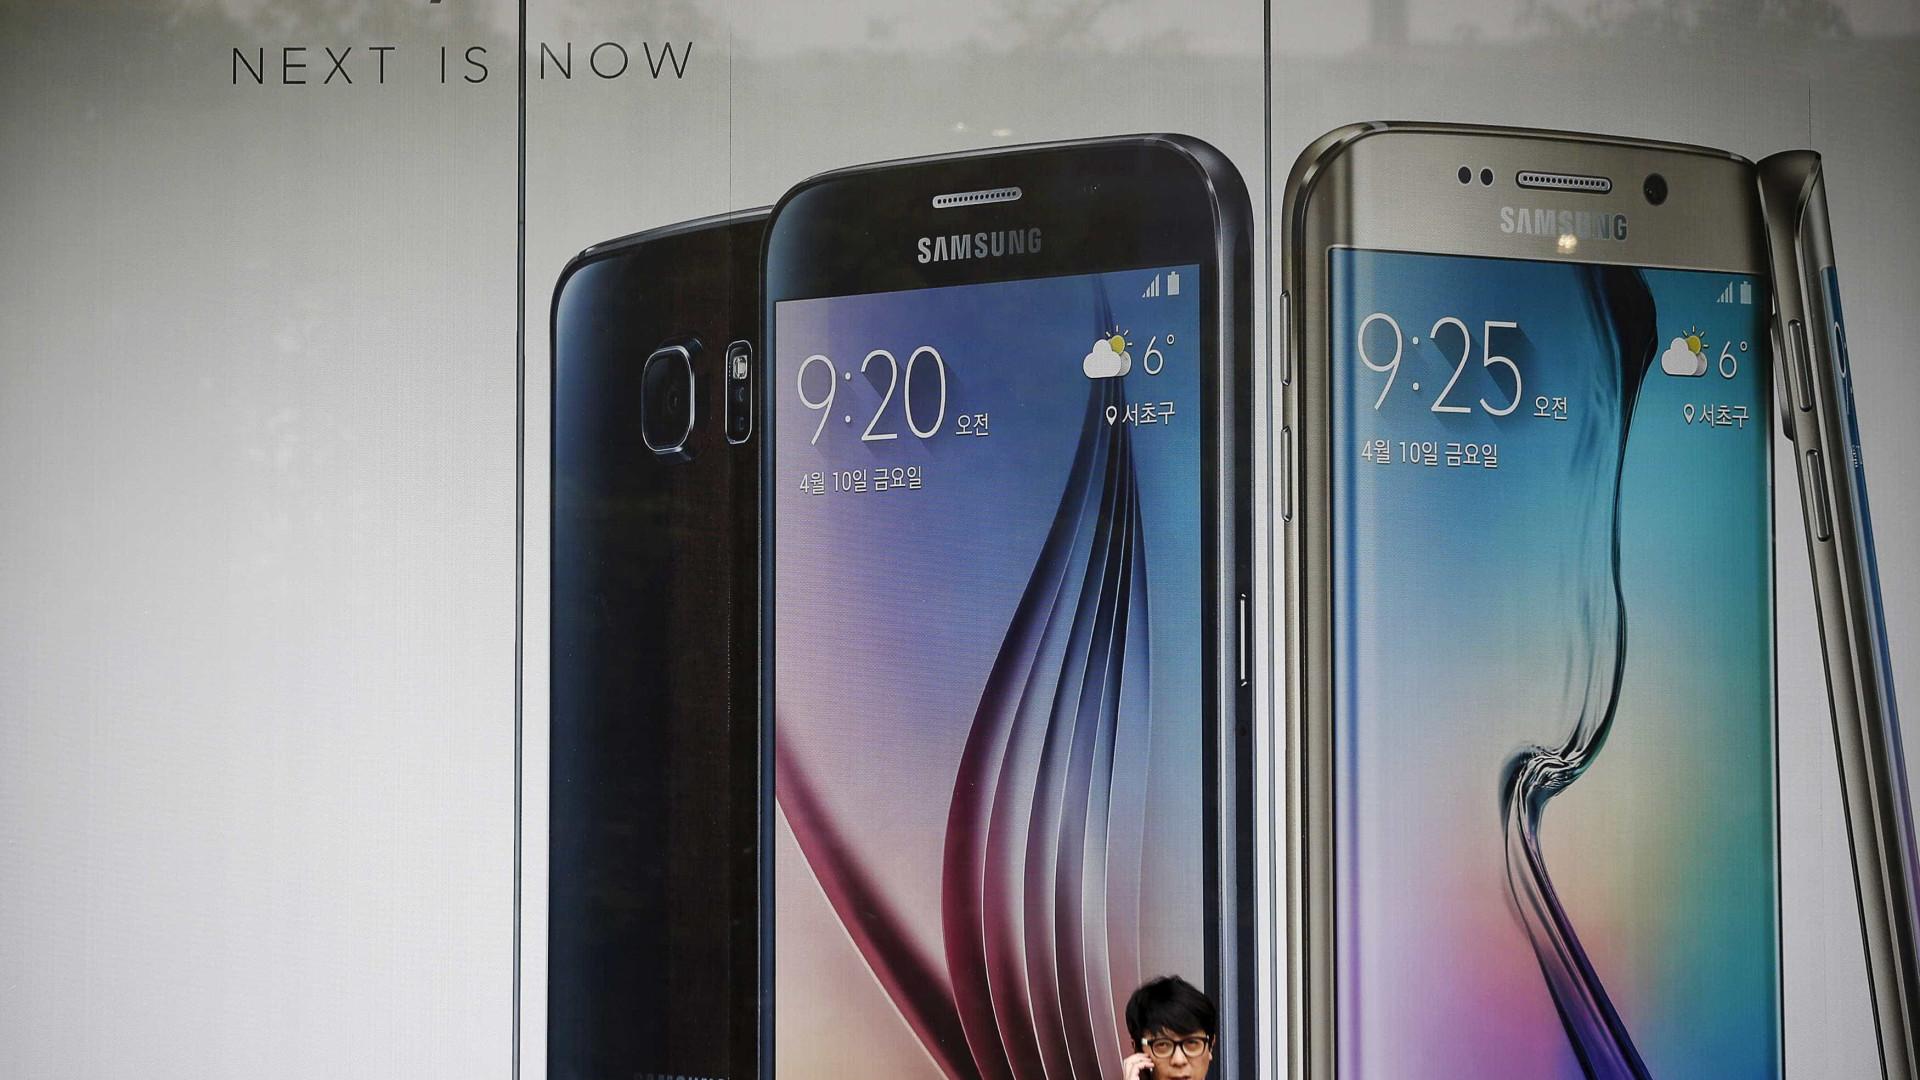 Os smartphones da Samsung foram os mais clonados de 2017